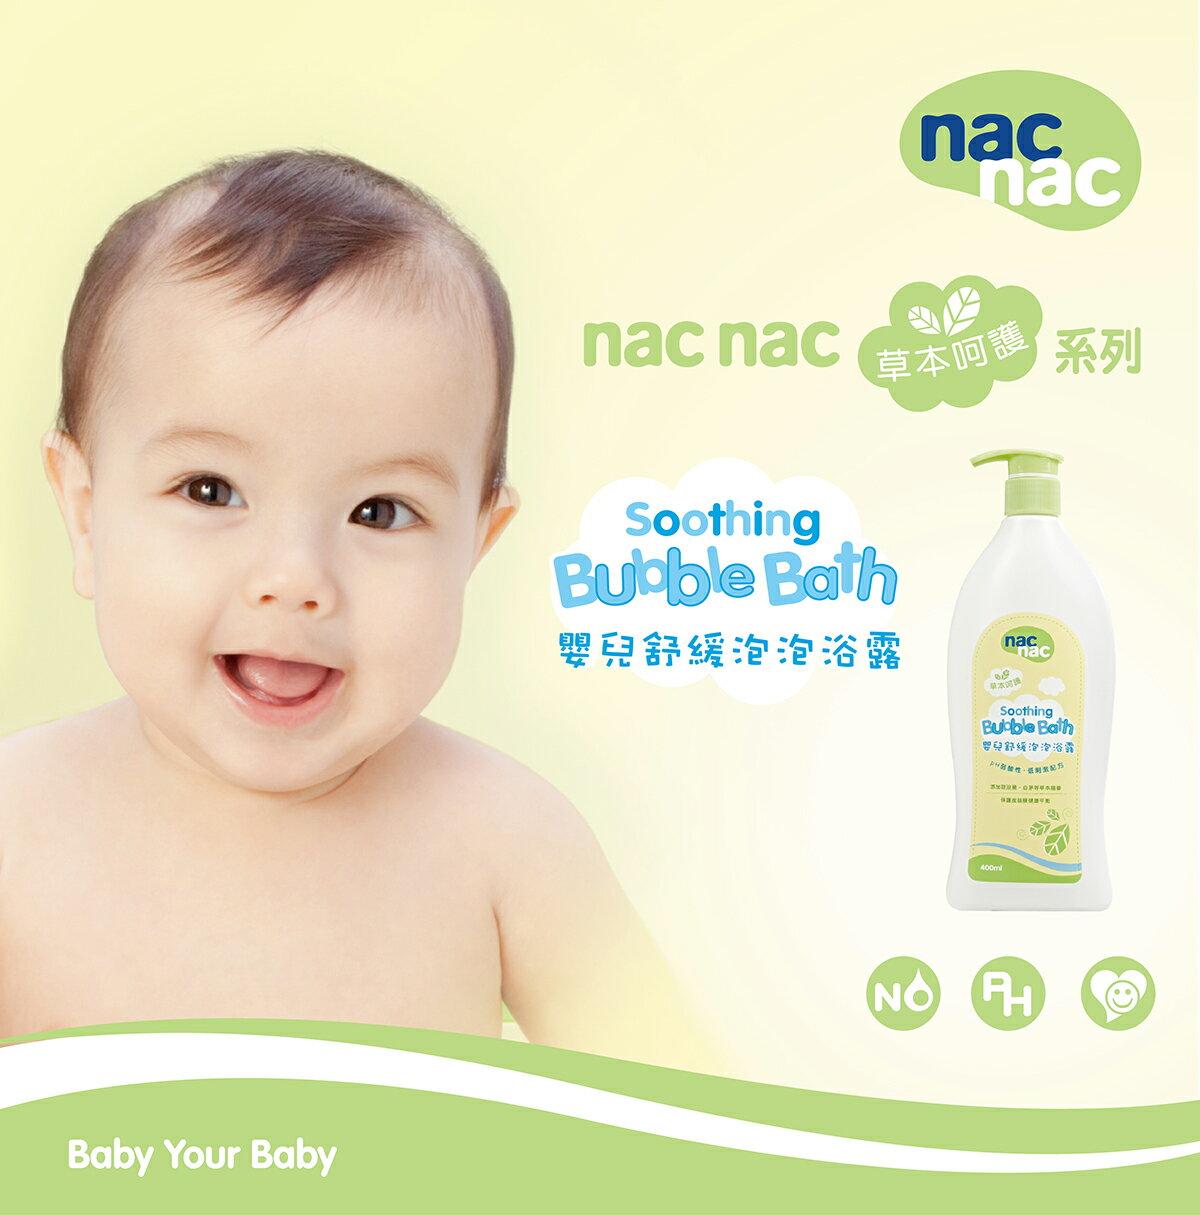 『121婦嬰用品』nac 草本呵護 嬰兒舒緩泡泡浴露 400ml 1